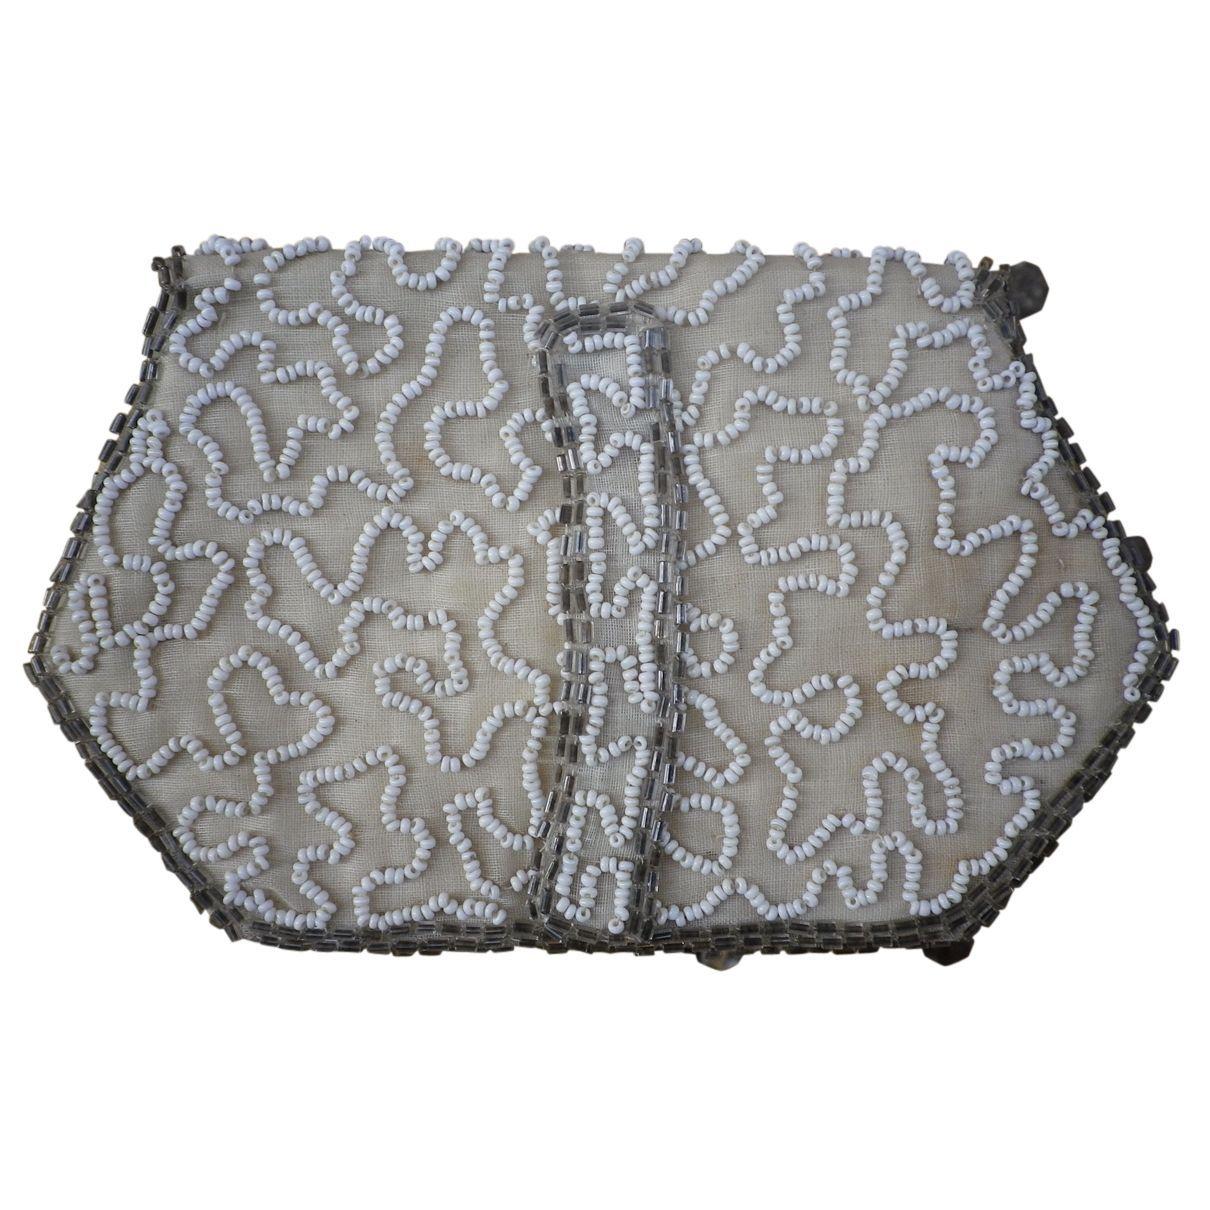 Accessoires - Porte monnaie perles